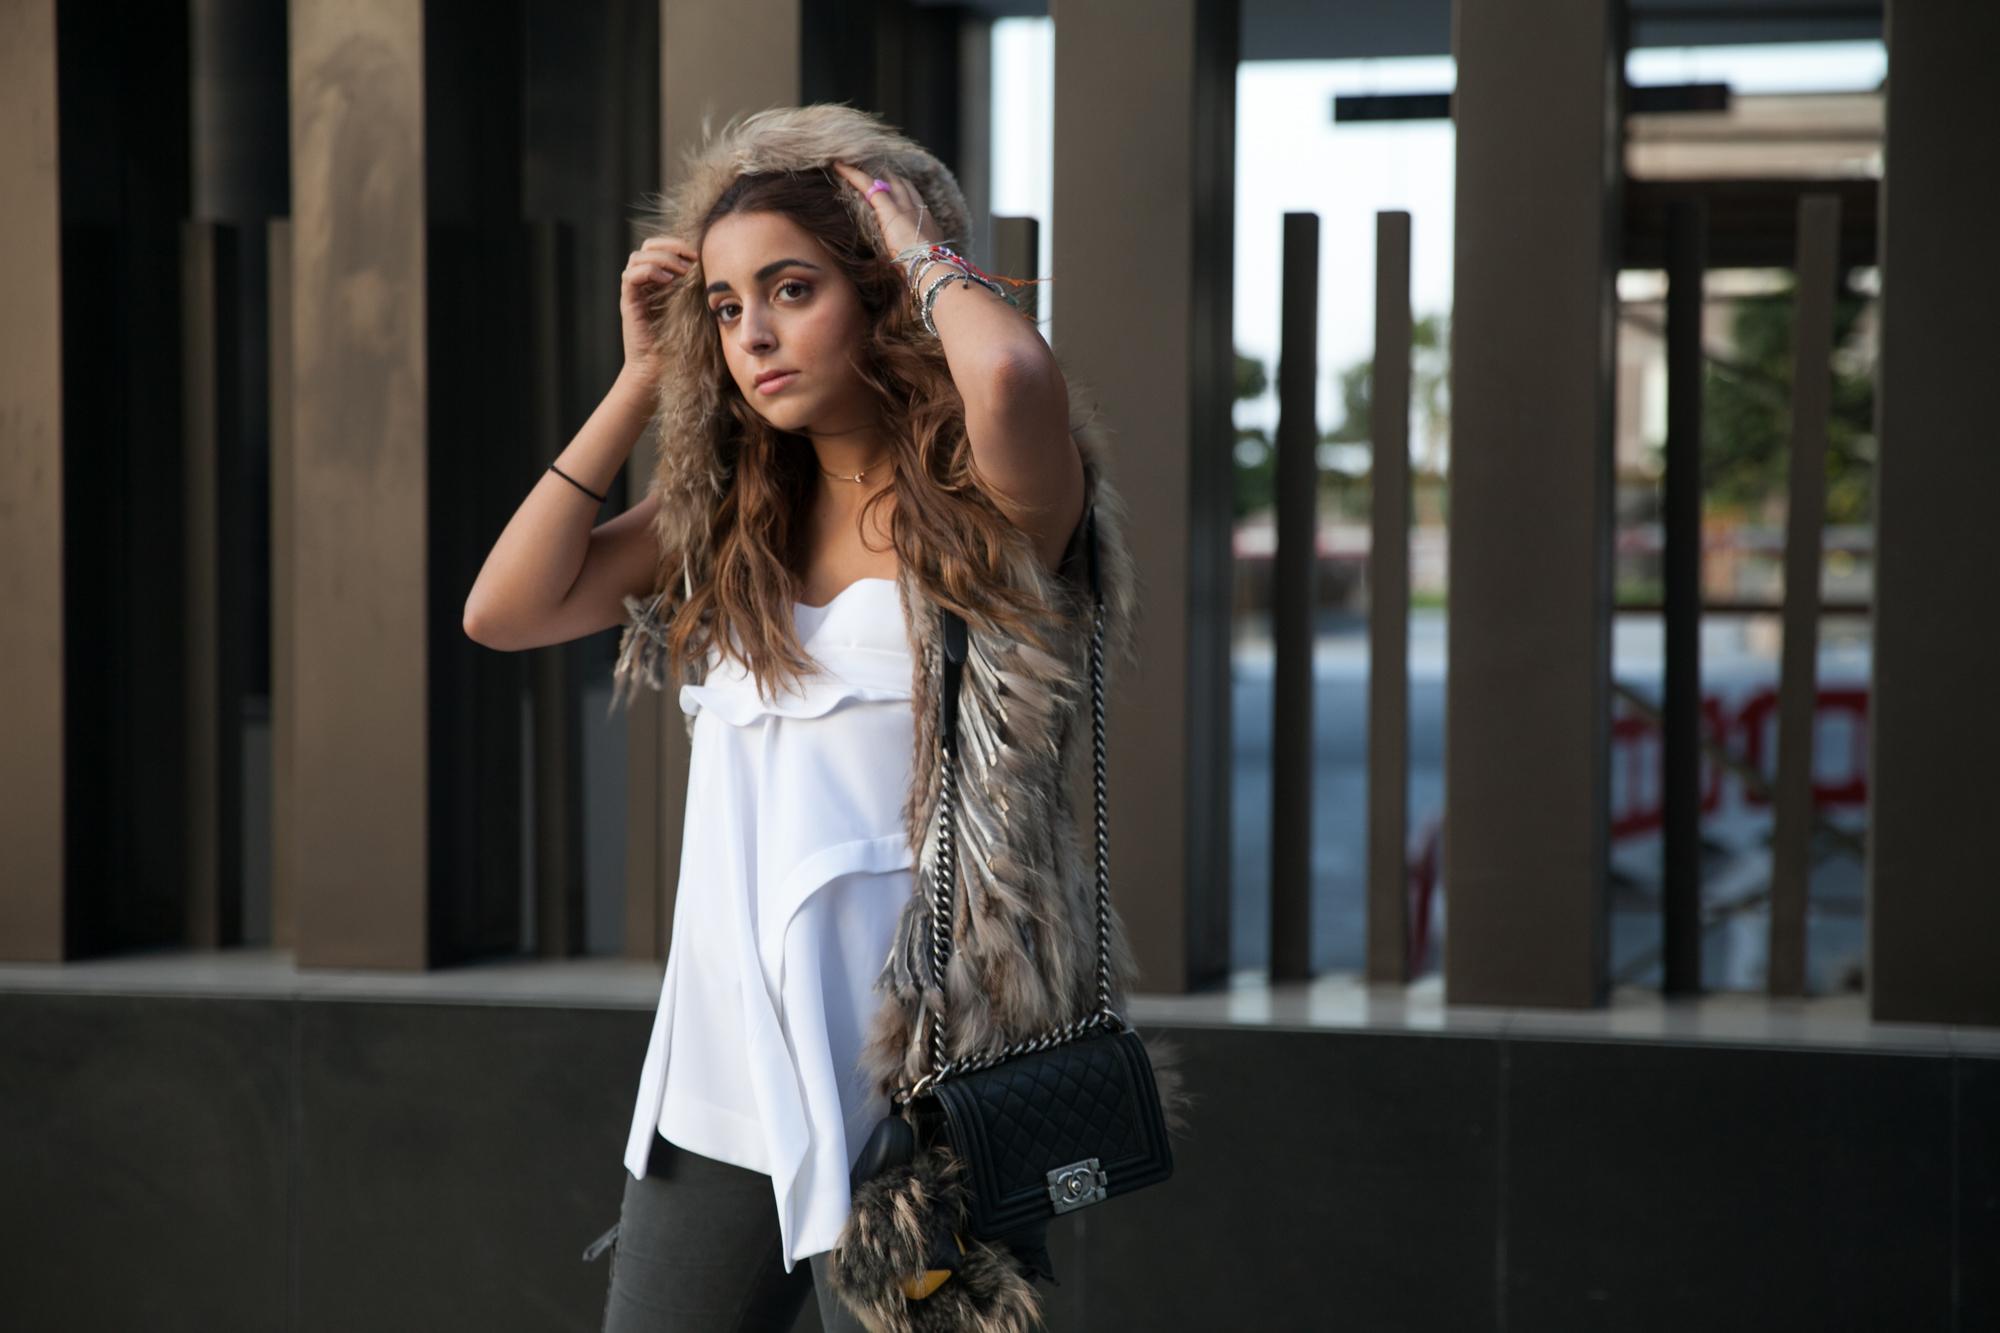 fur vest fashion in winter dubai